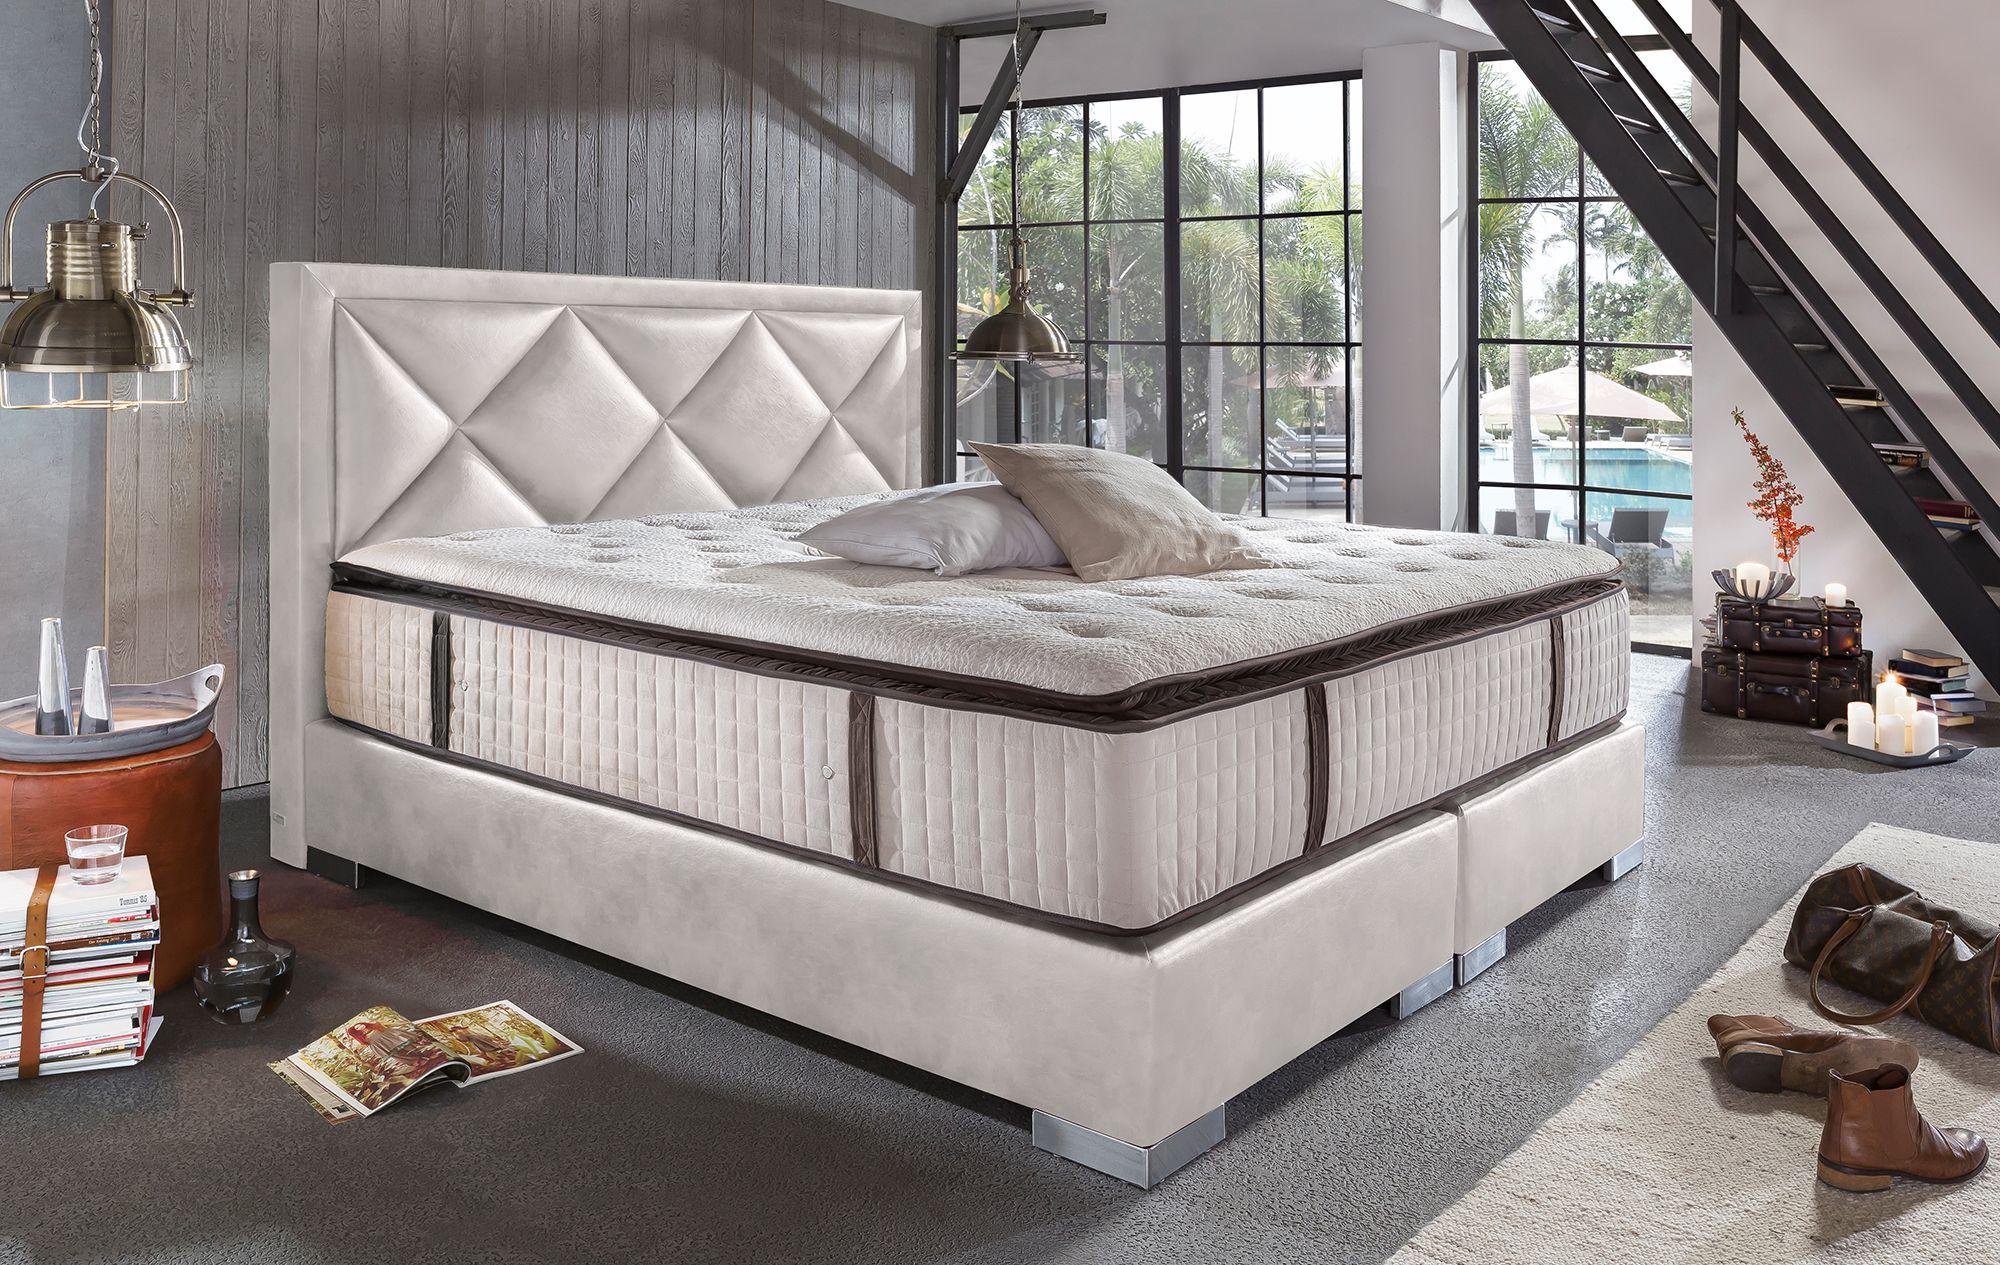 Boxspringbett Joker Deluxe Weiss Luxusschlafzimmer Bett